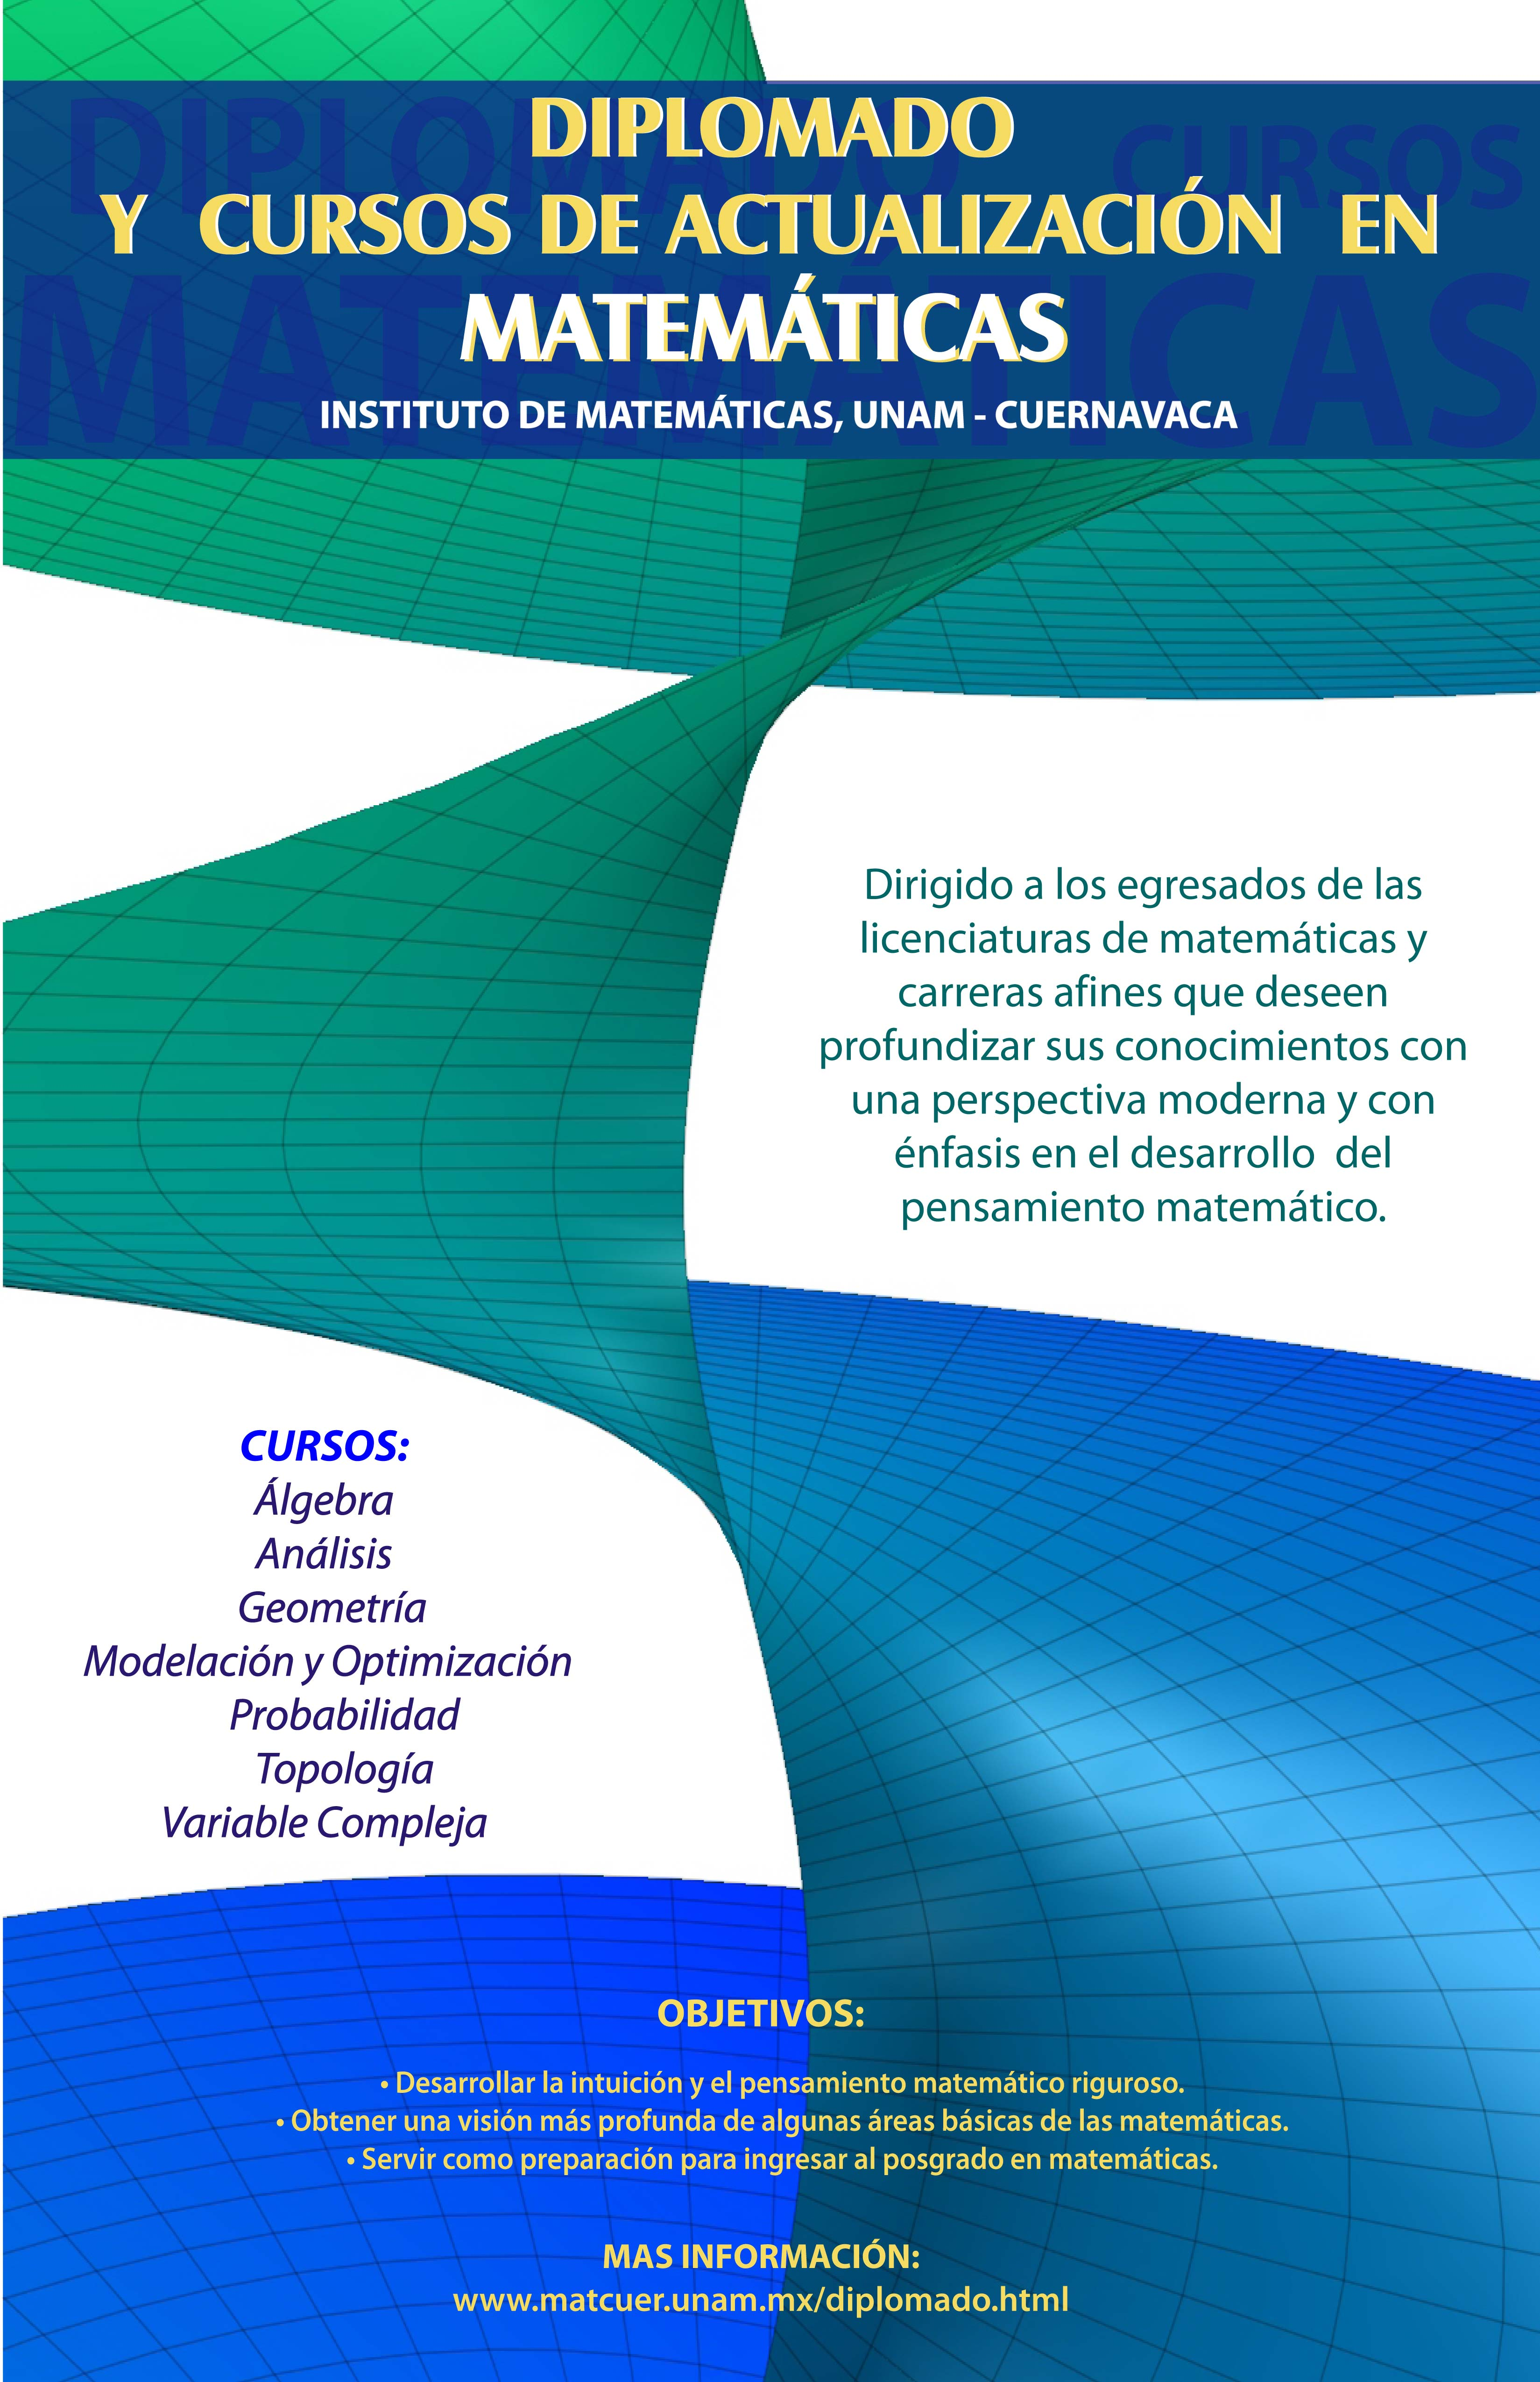 Diplomado y cursos de actualización en Matemáticas